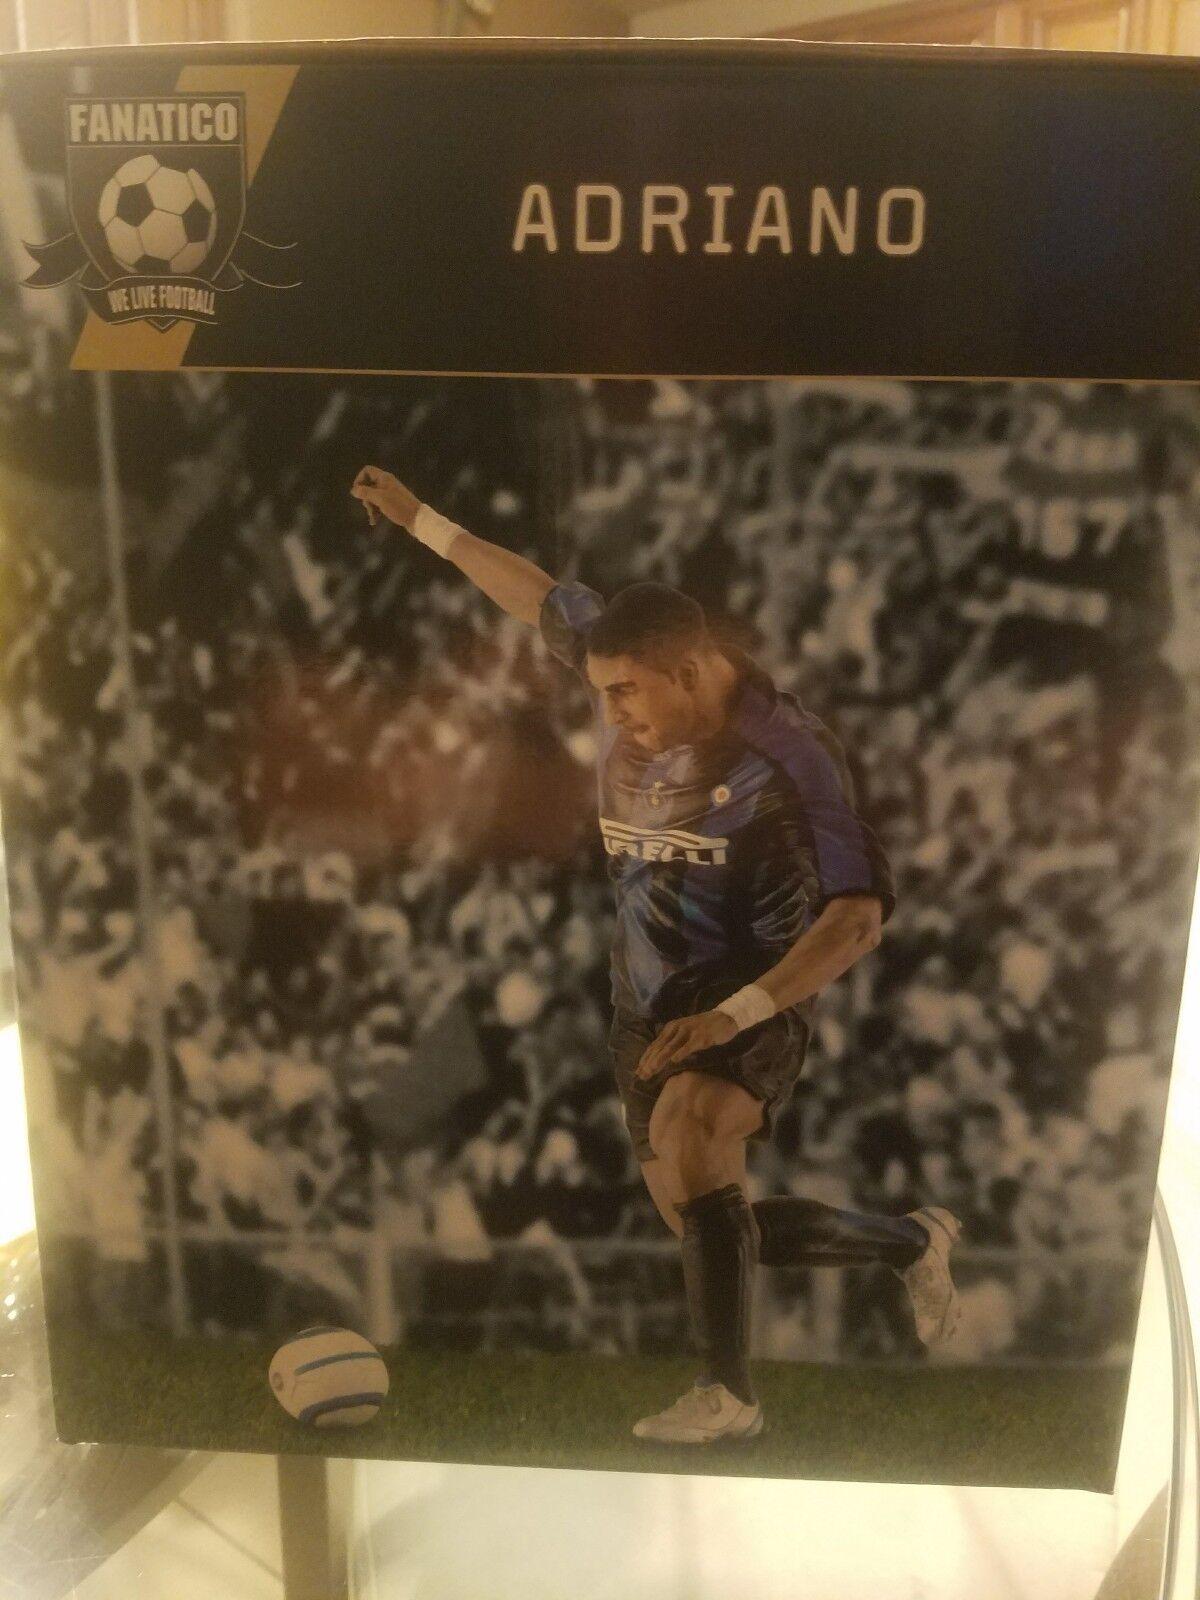 Andriano inter figure 12  Fanatico Messi Soccer NO ftchamps new in box Ronaldo